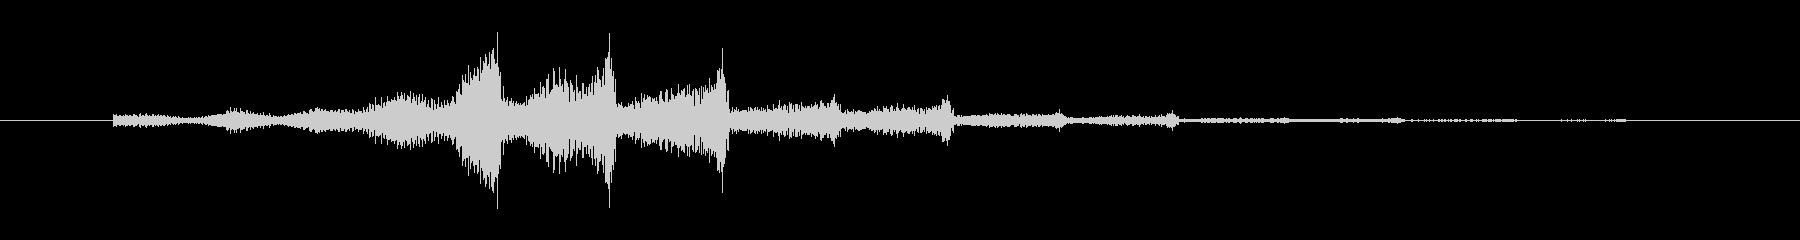 シュワンシュワン インパクト音の未再生の波形